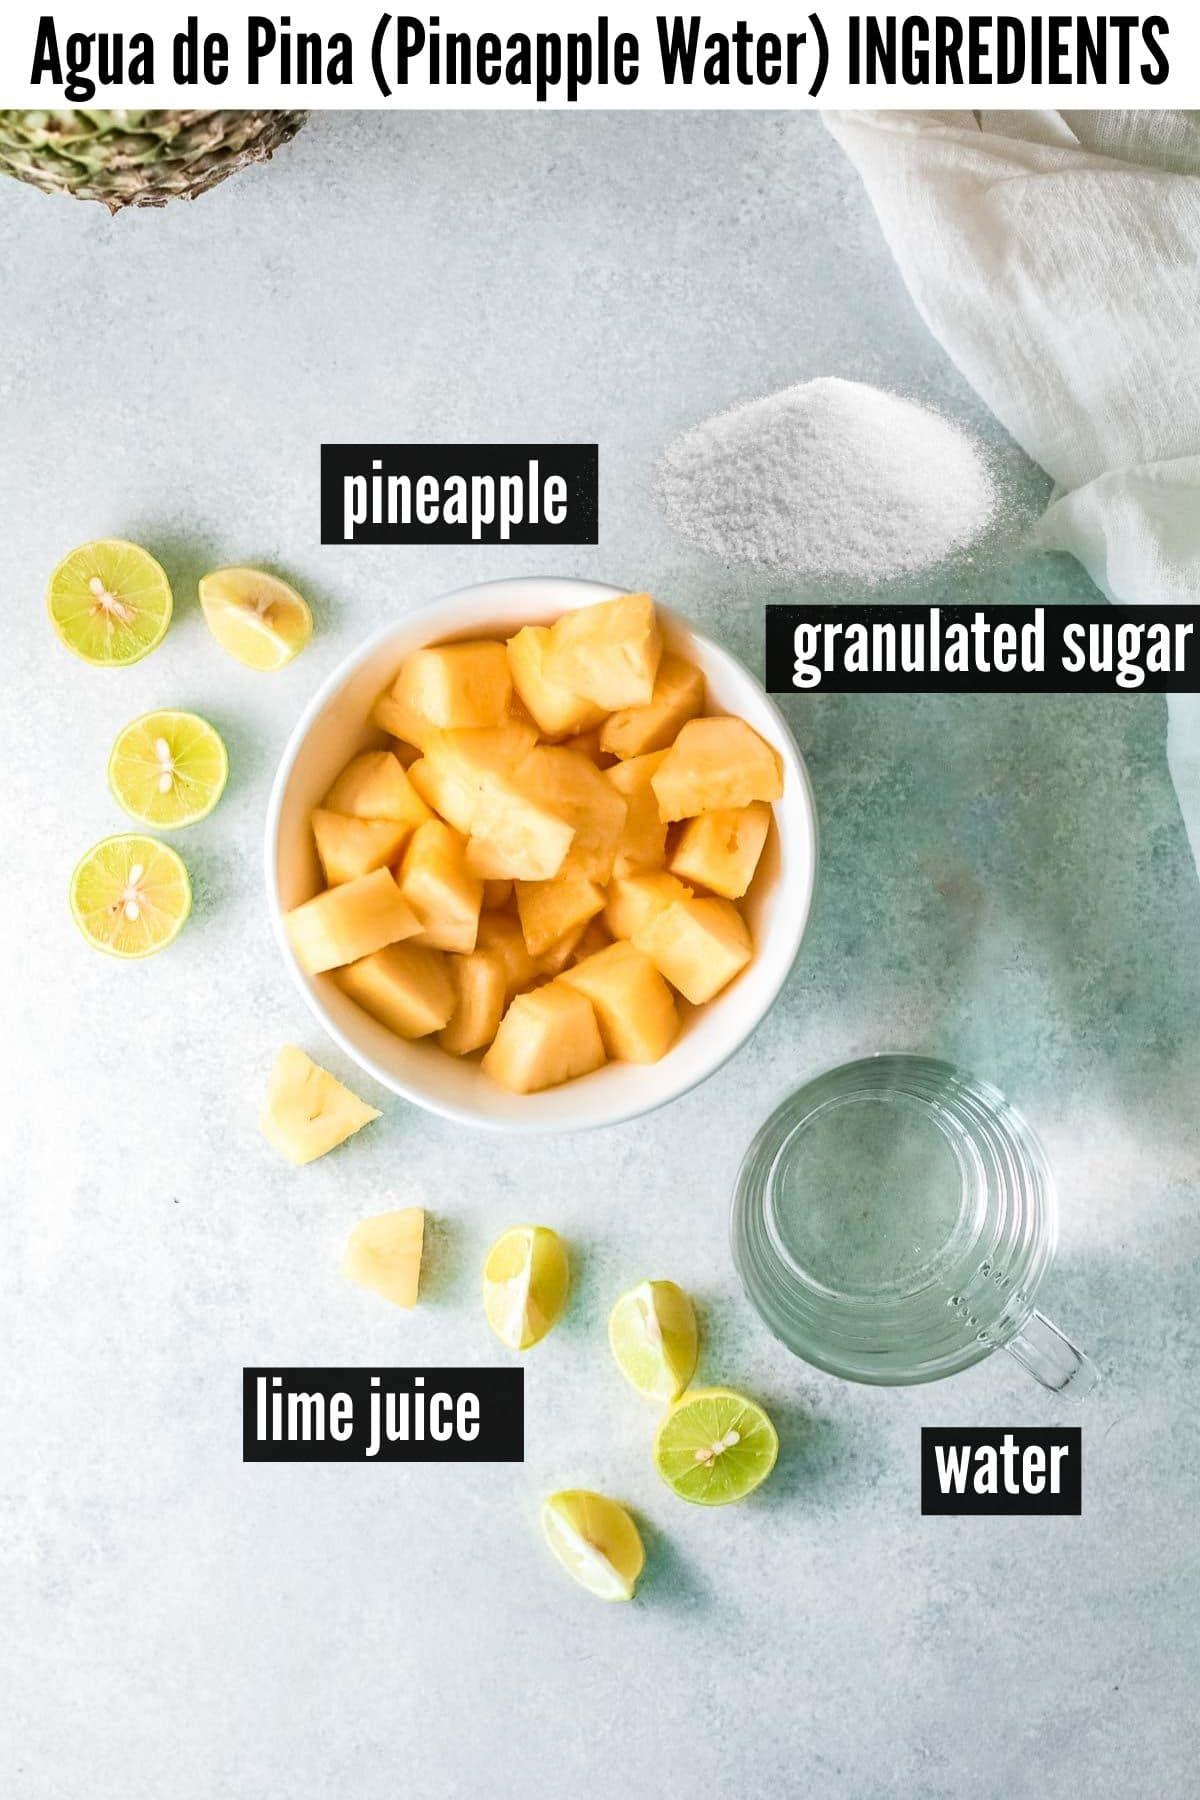 pineapple water ingredients